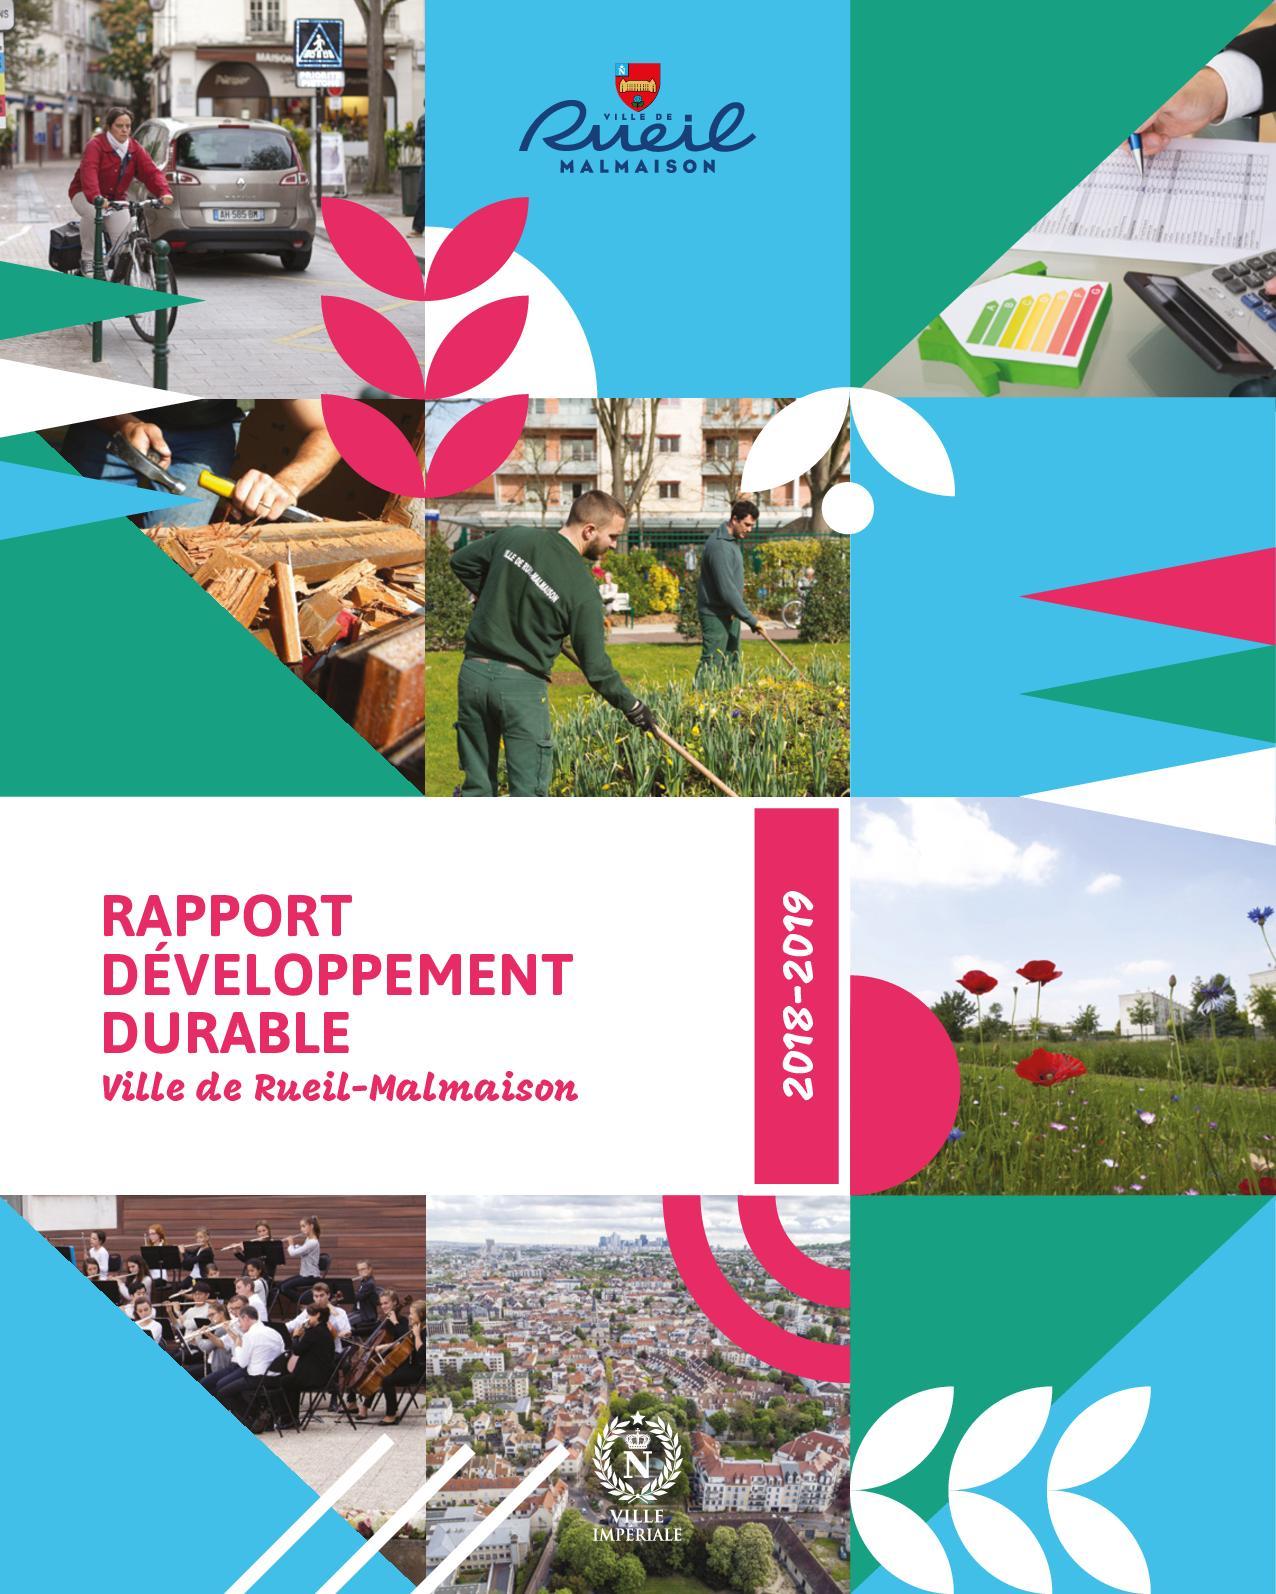 Entreprises Basées À Rueil Malmaison calaméo - rapport développement durable 2018-2019